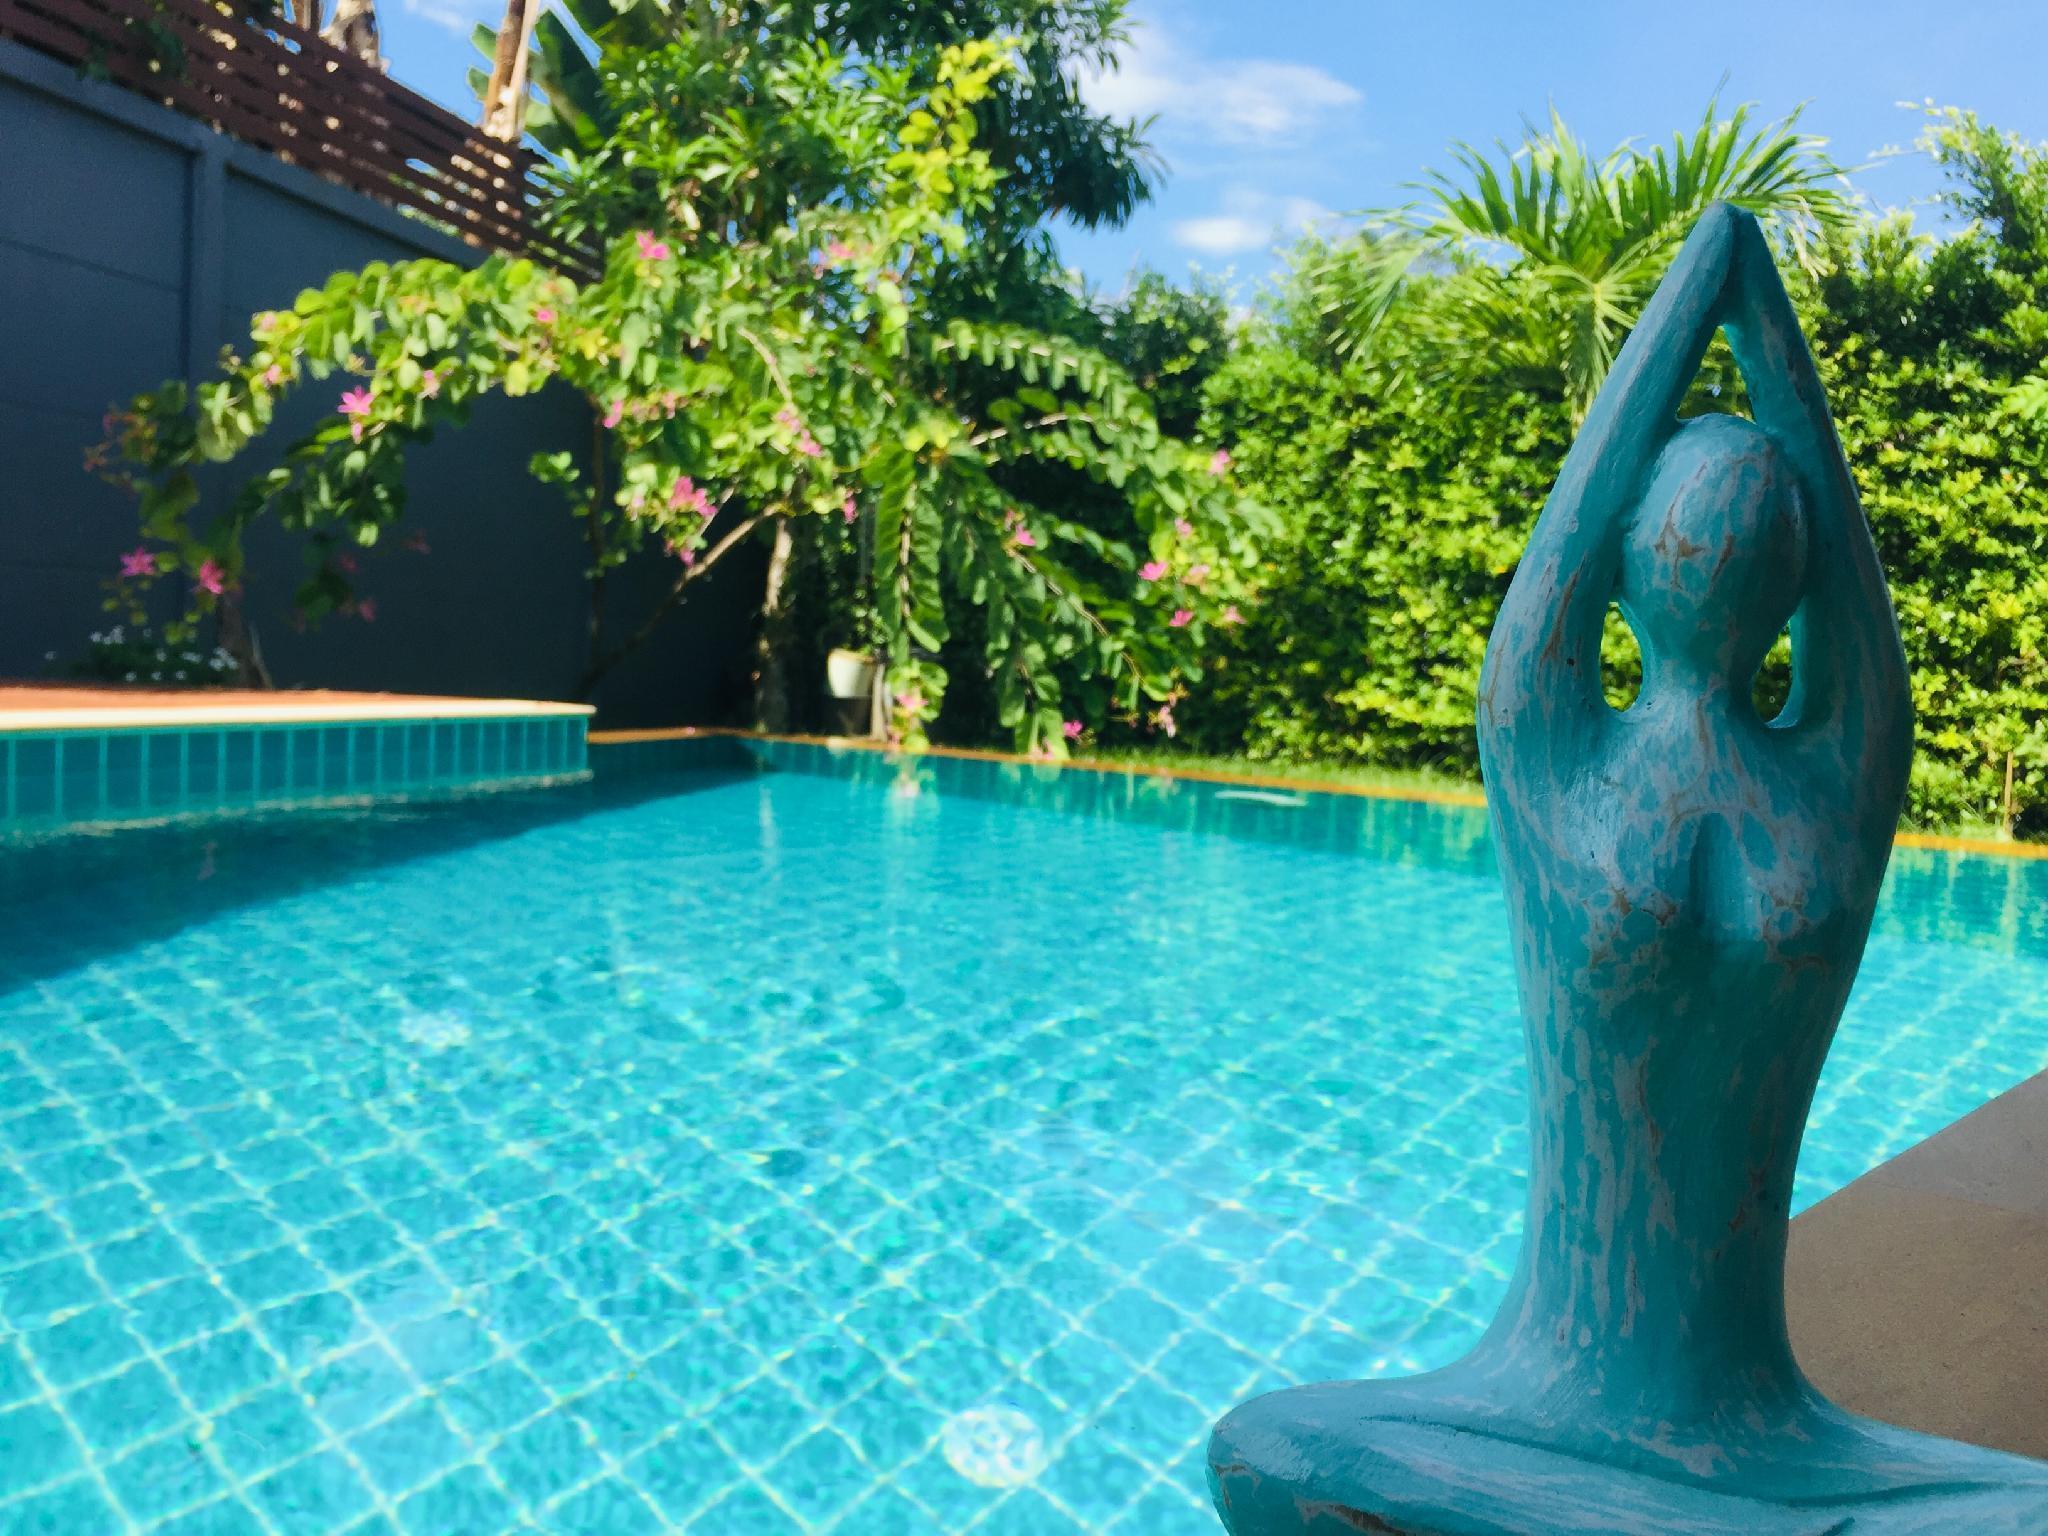 Pure Home  Pool & Garden Phuket วิลลา 2 ห้องนอน 1 ห้องน้ำส่วนตัว ขนาด 236 ตร.ม. – ป่าคลอก